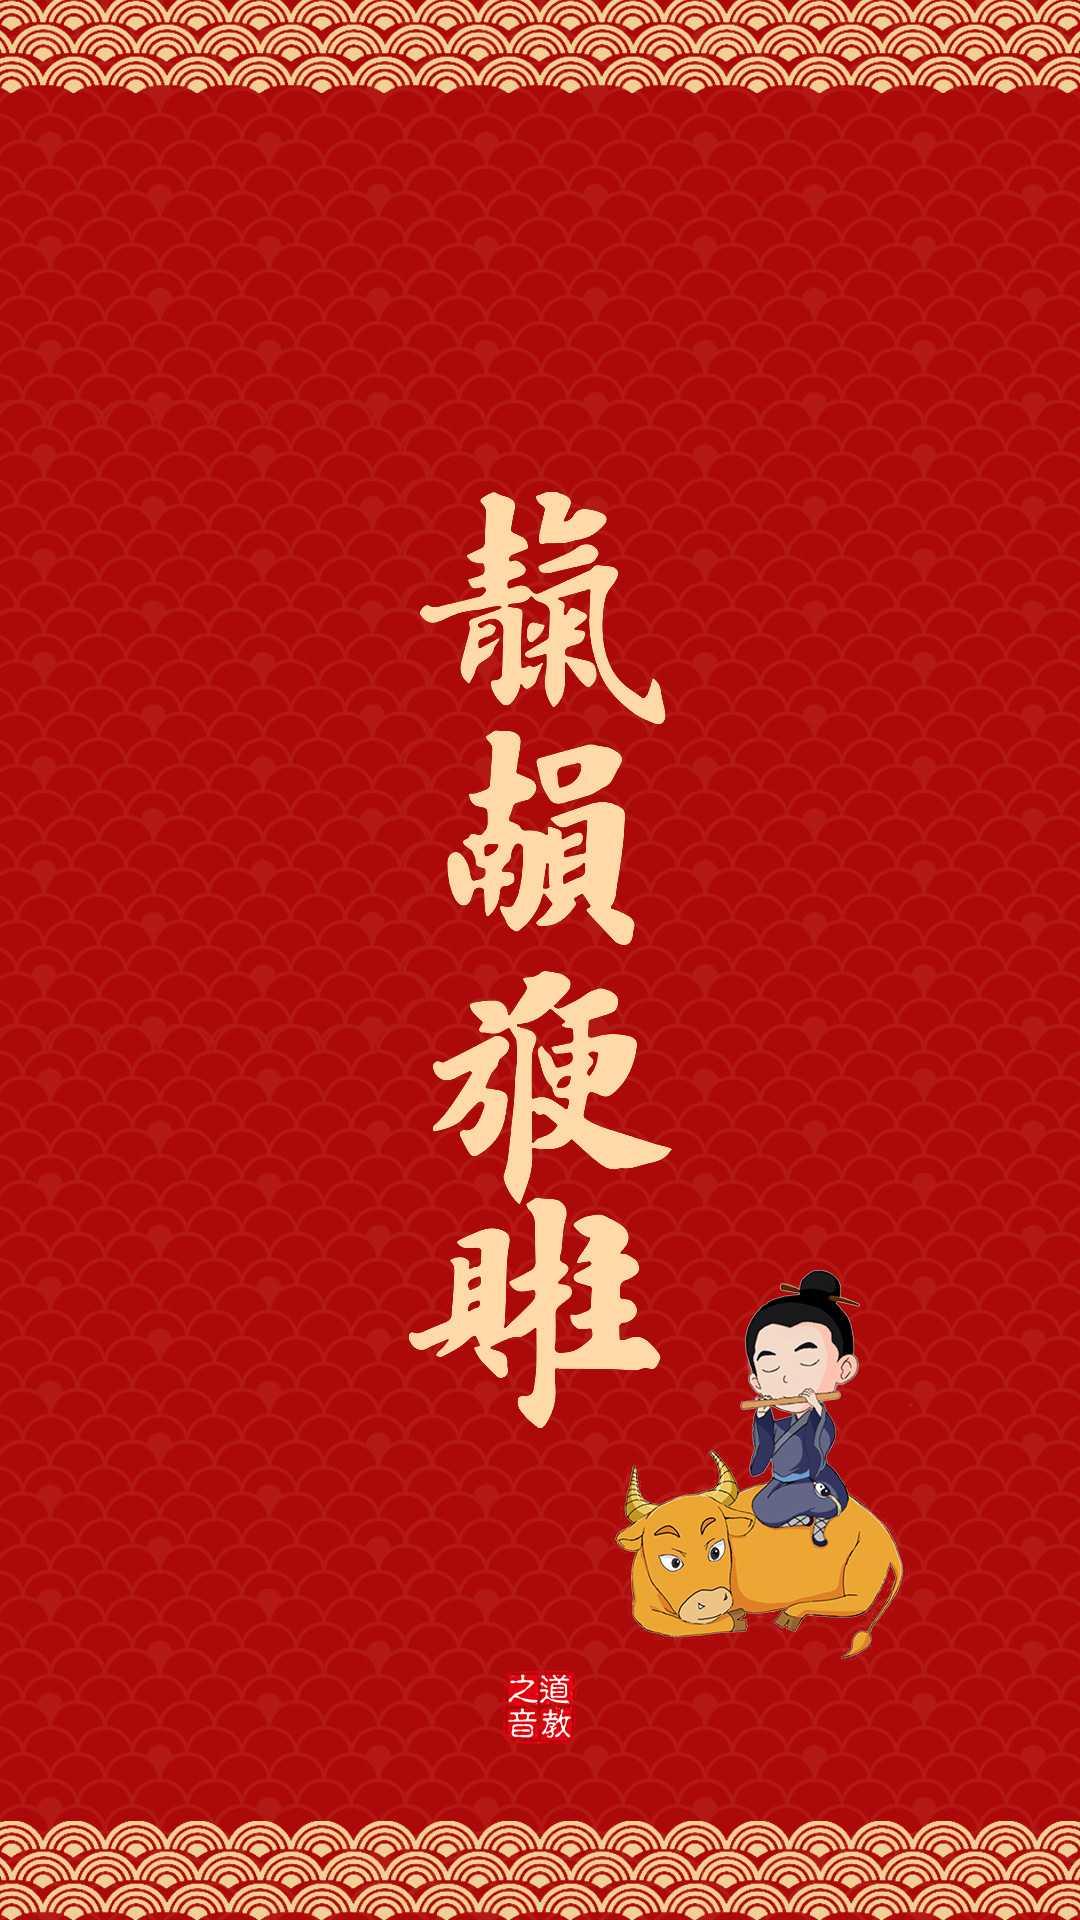 2021辛丑年道教新春祝福语集锦